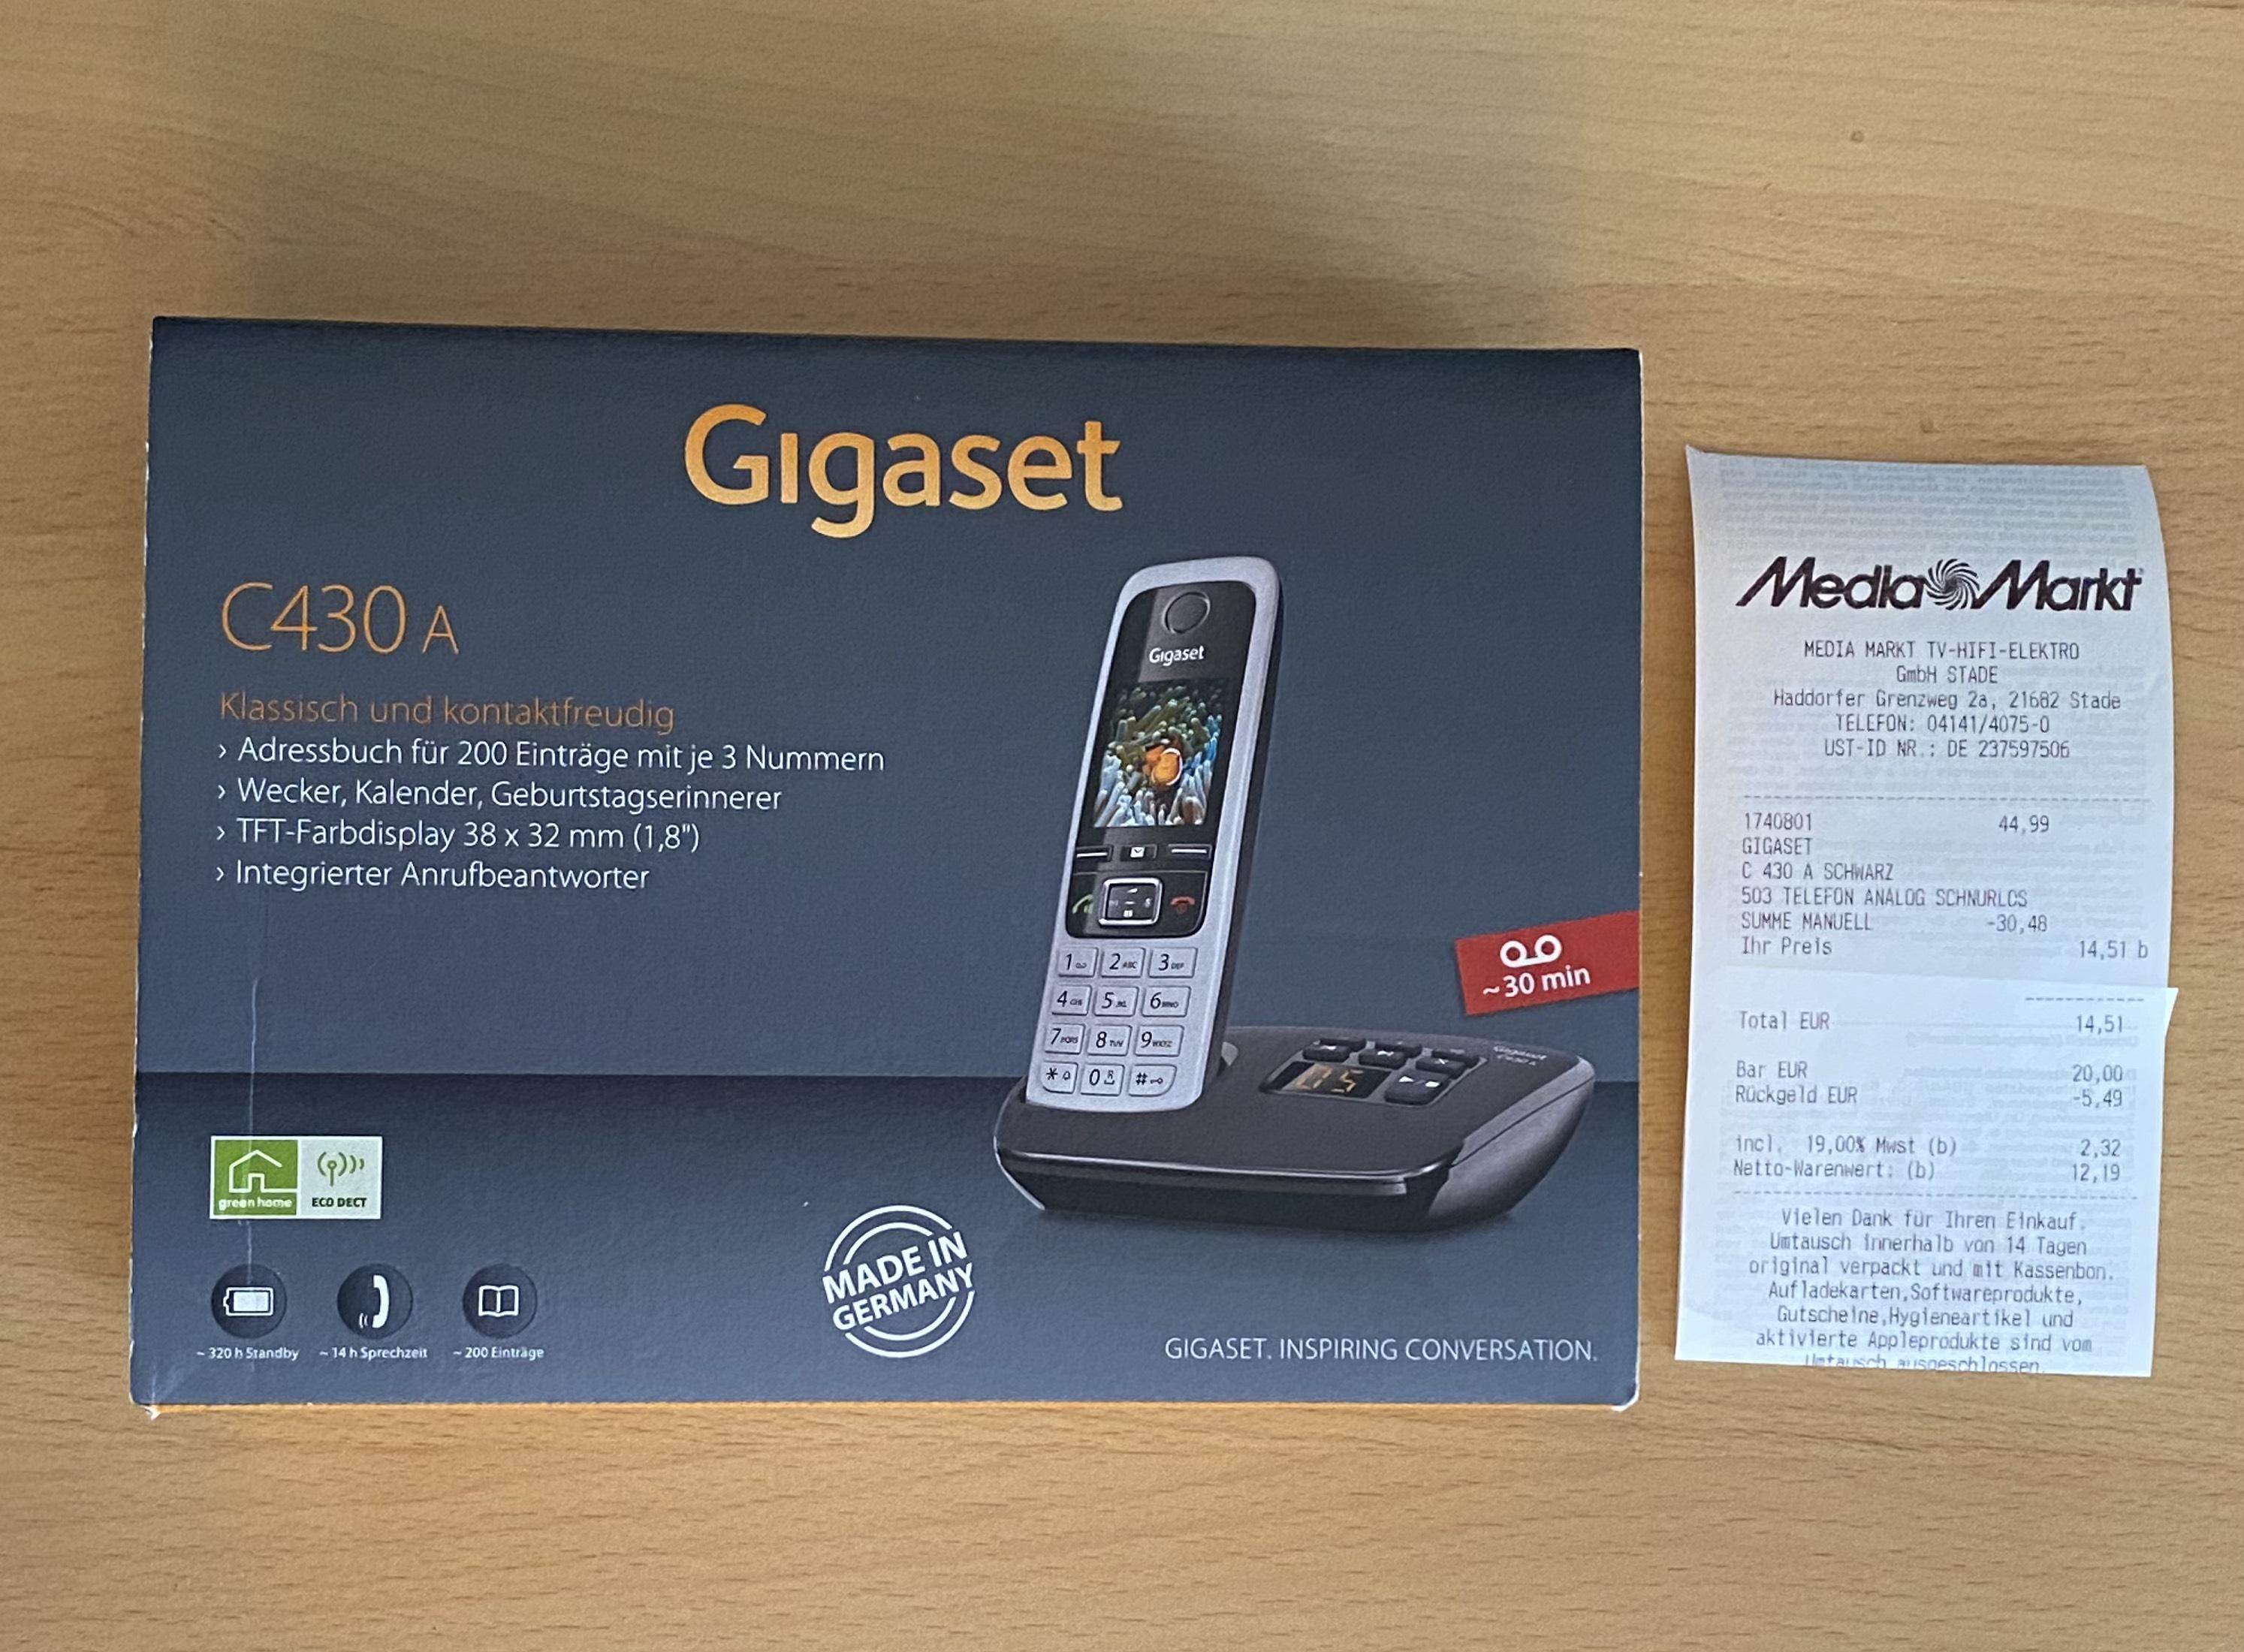 Gigaset C 430 A - Schnurloses DECT Telefon mit Anrufbeantworter [Lokal Stade, Versand auf Anfrage]